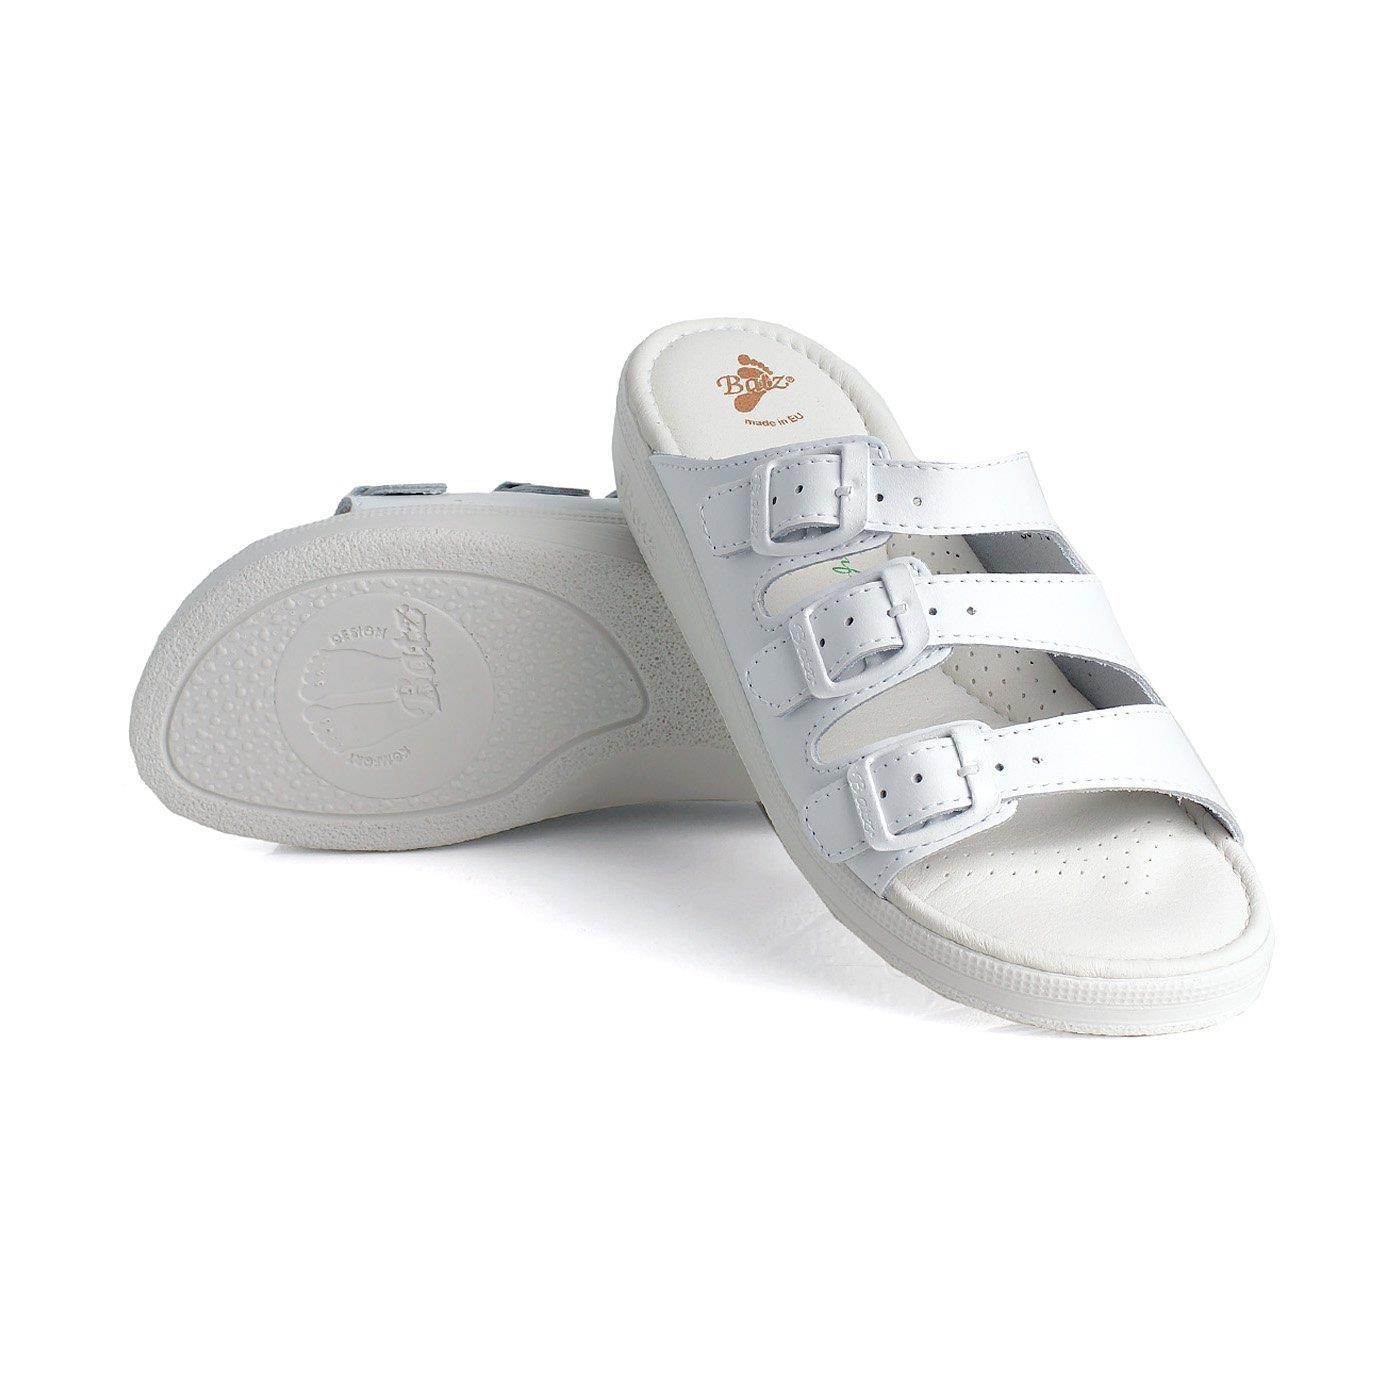 Batz* *Batz dámské zdravotní pantofle 3BCS White 39 39